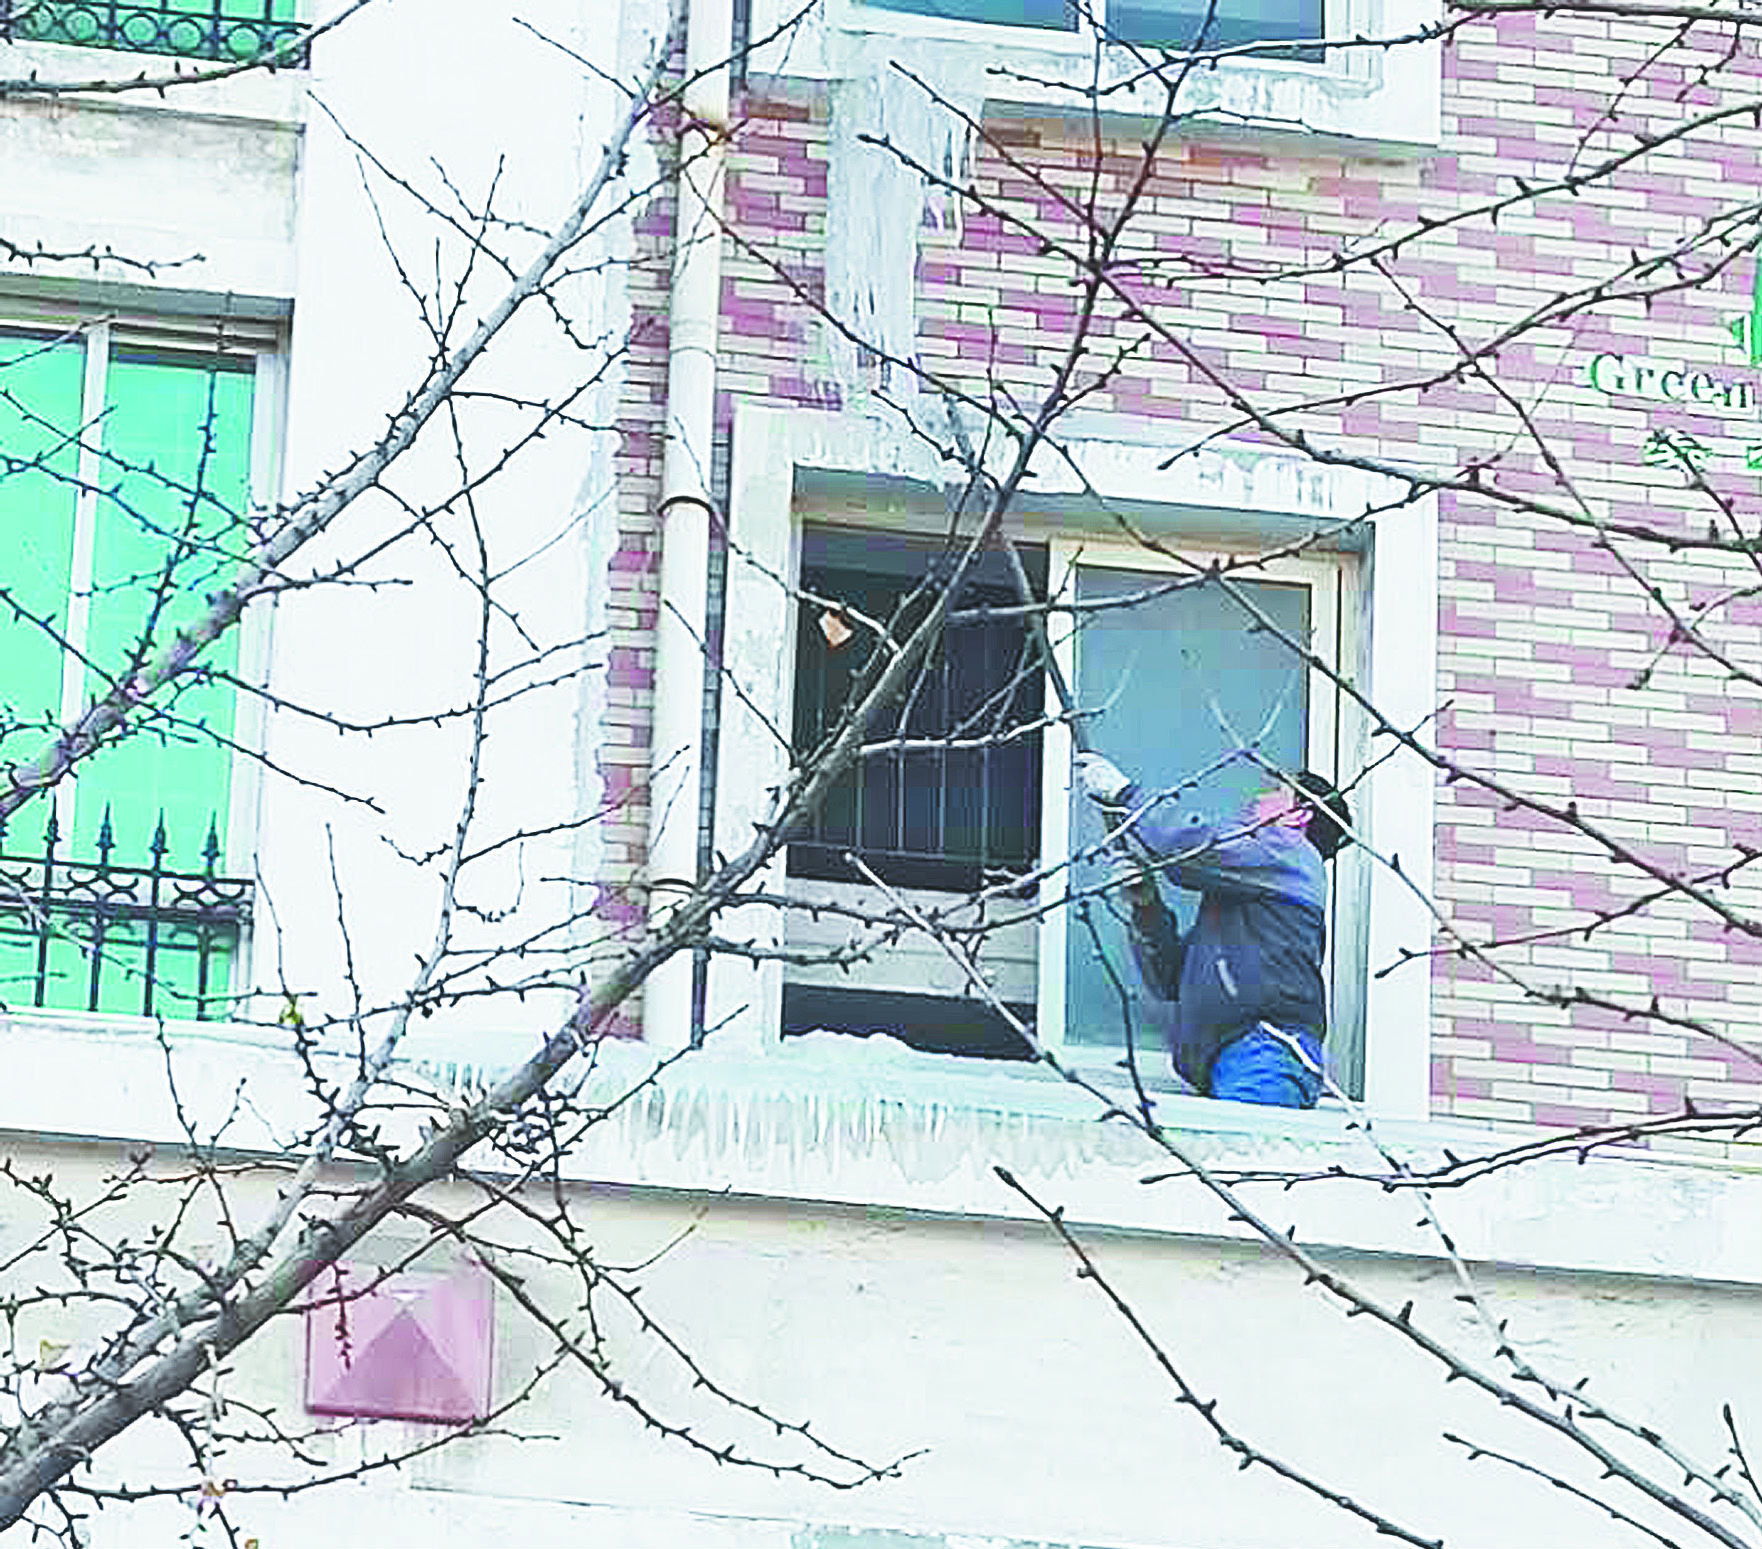 临淄一小区五楼居民家漏水 四楼房檐结冰柱